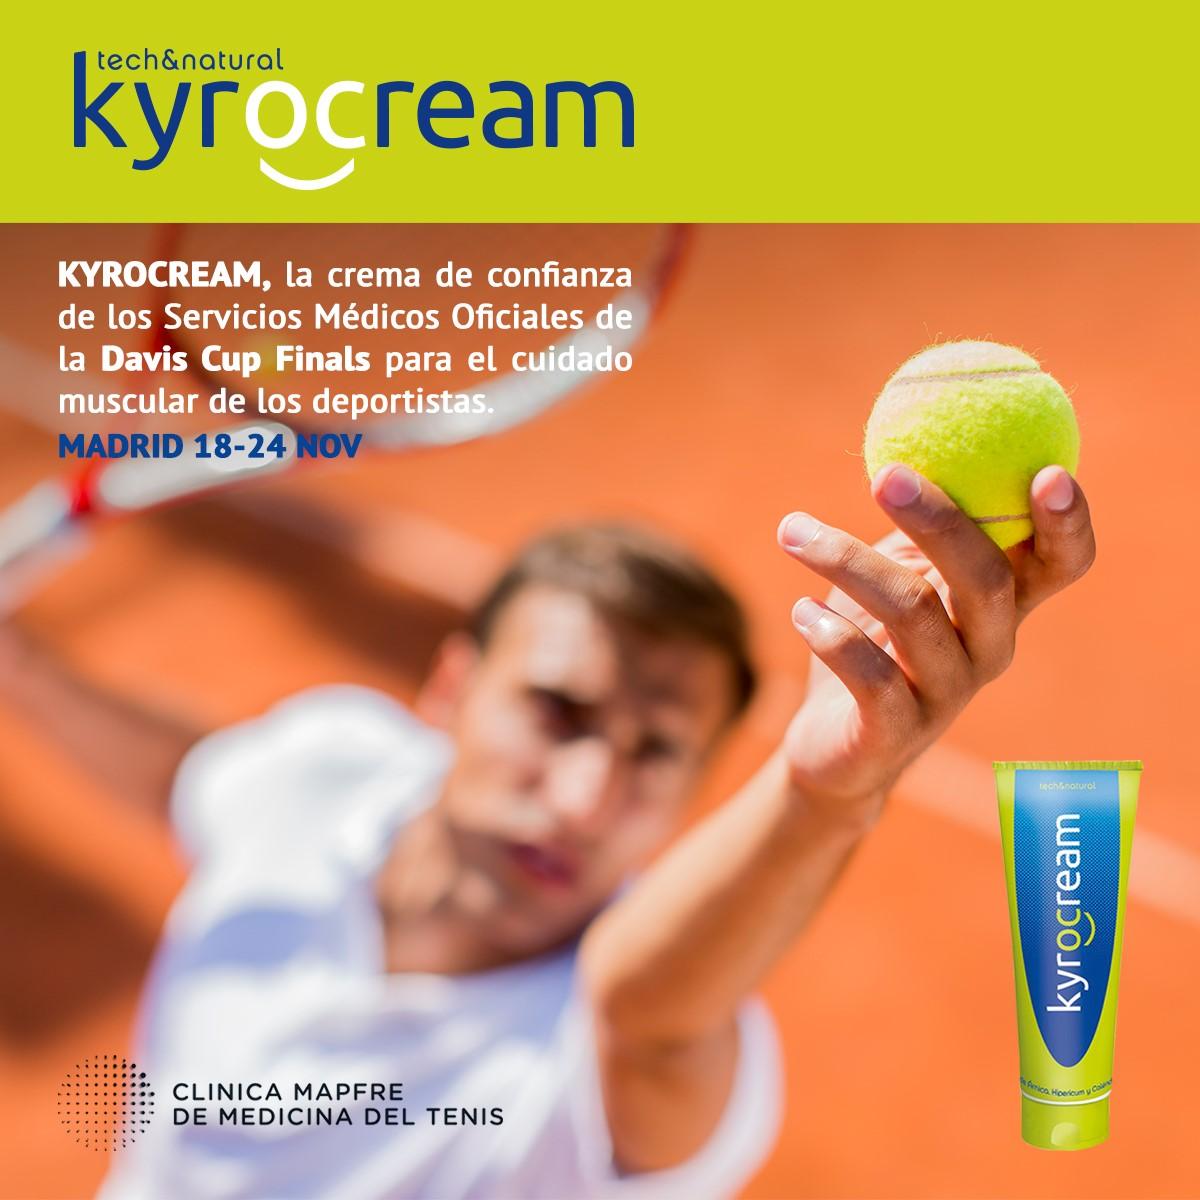 Kyrocream es marca de confianza de los Servicios Médicos Oficiales de la DAVIS CUP FINALS